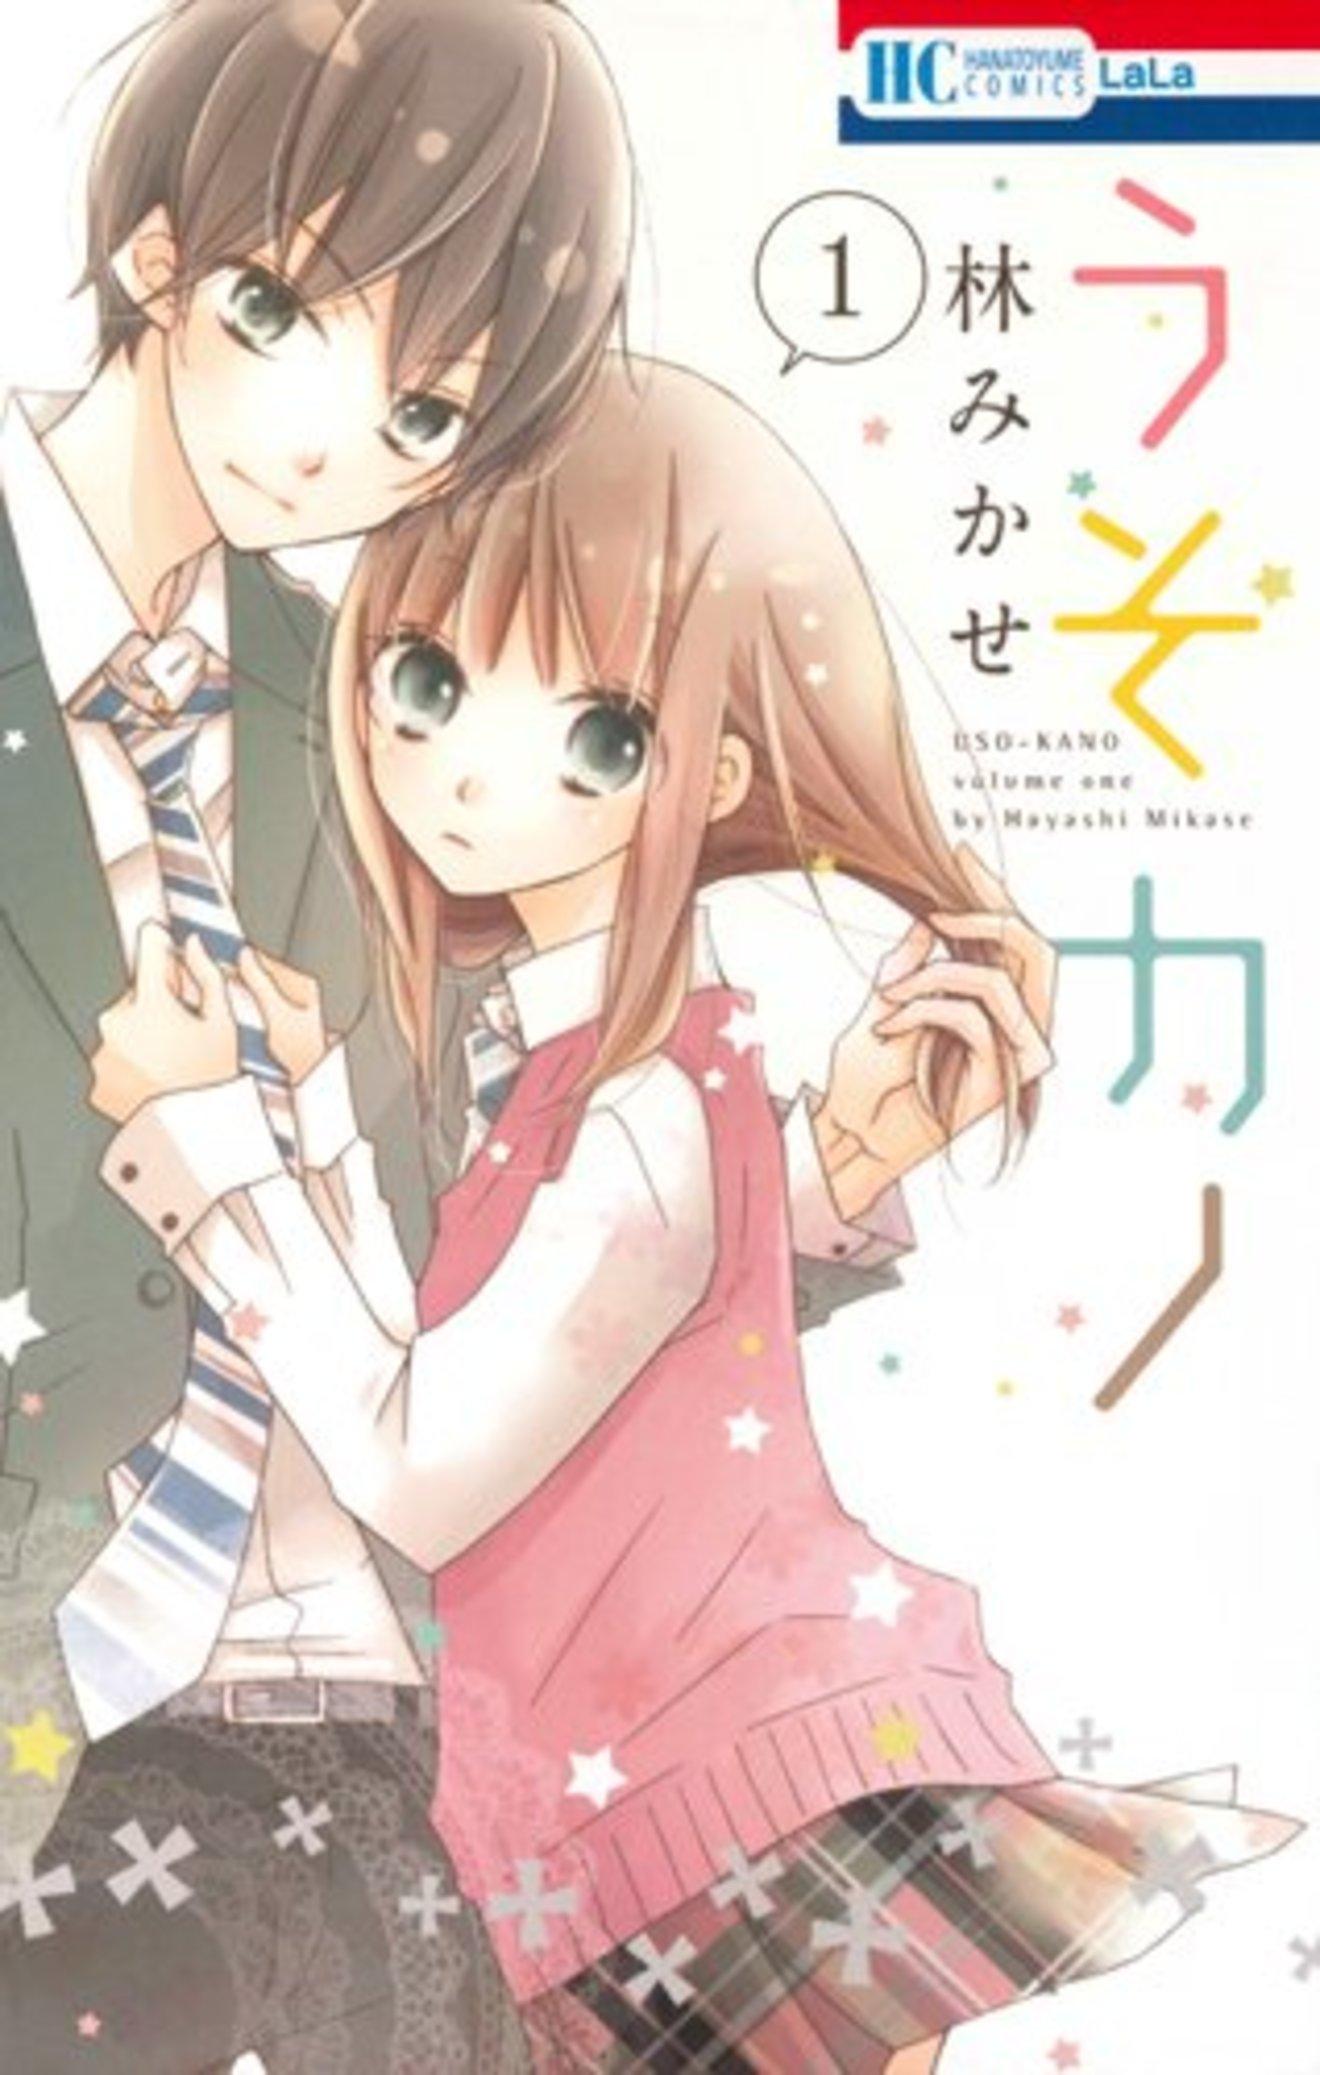 『うそカノ』が無料で読める!登場人物の魅力を最新10巻までネタバレ紹介!